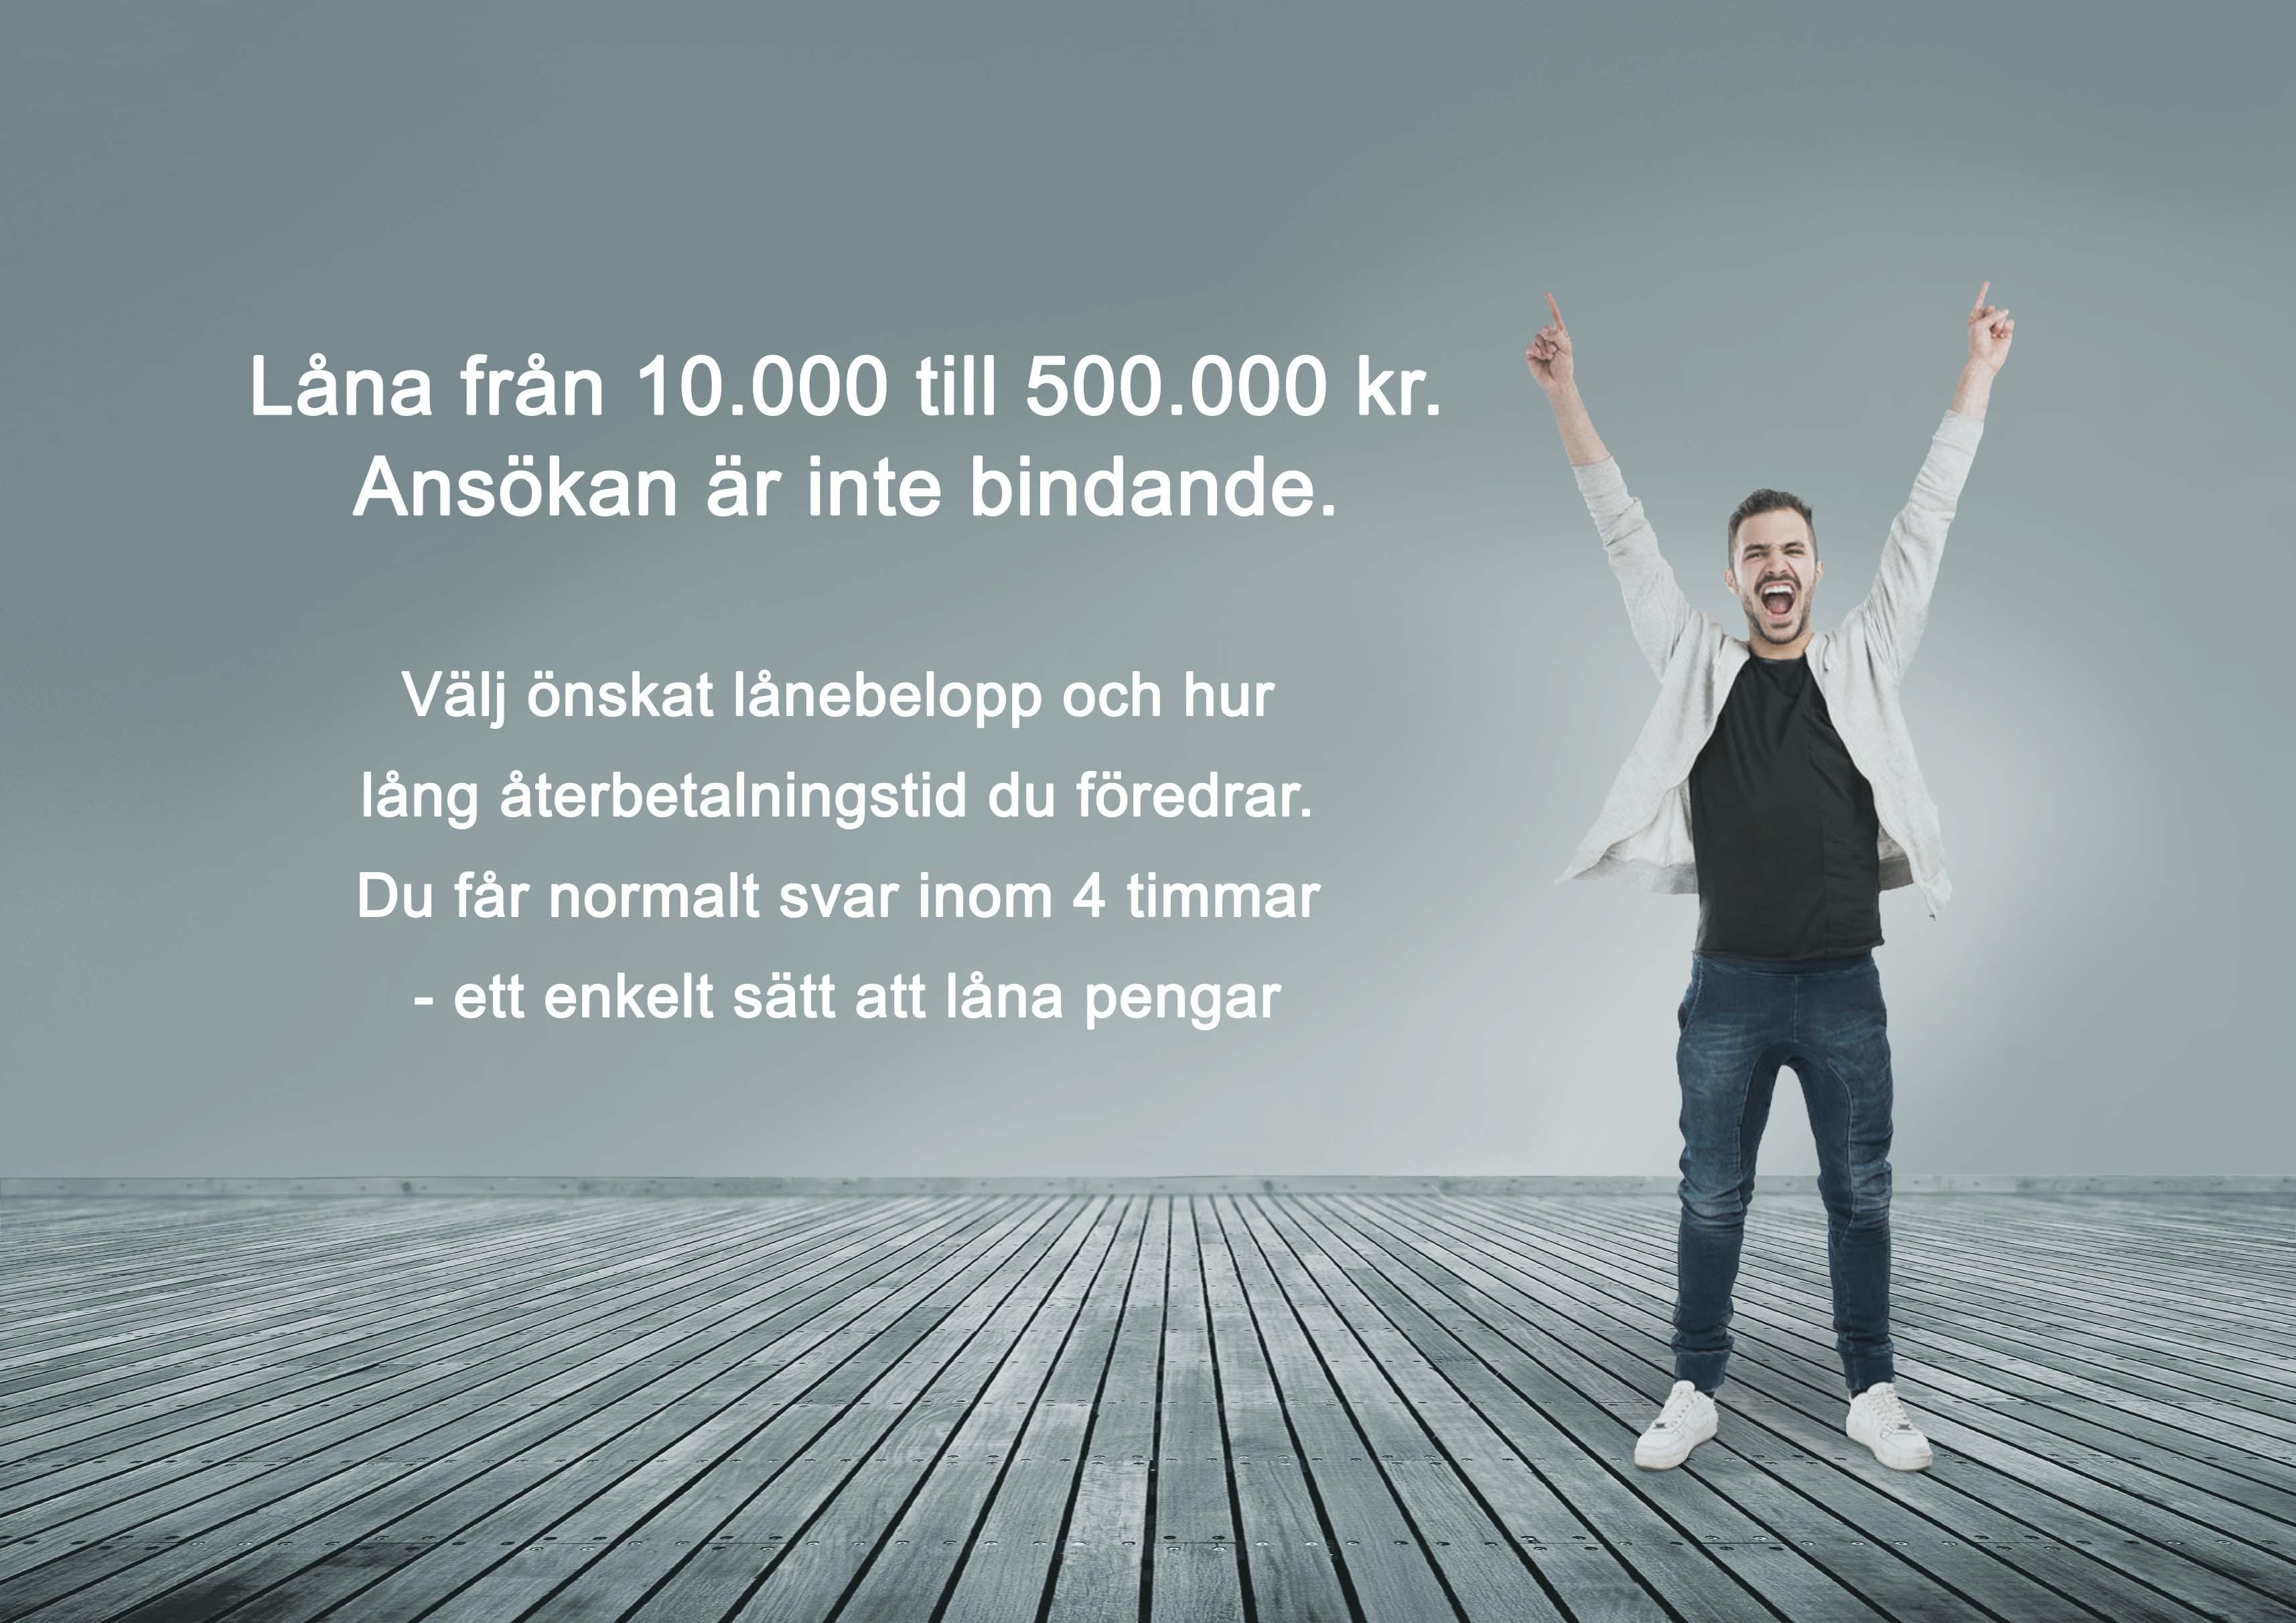 Ska låna 500 000 utan säkerhet typiskt